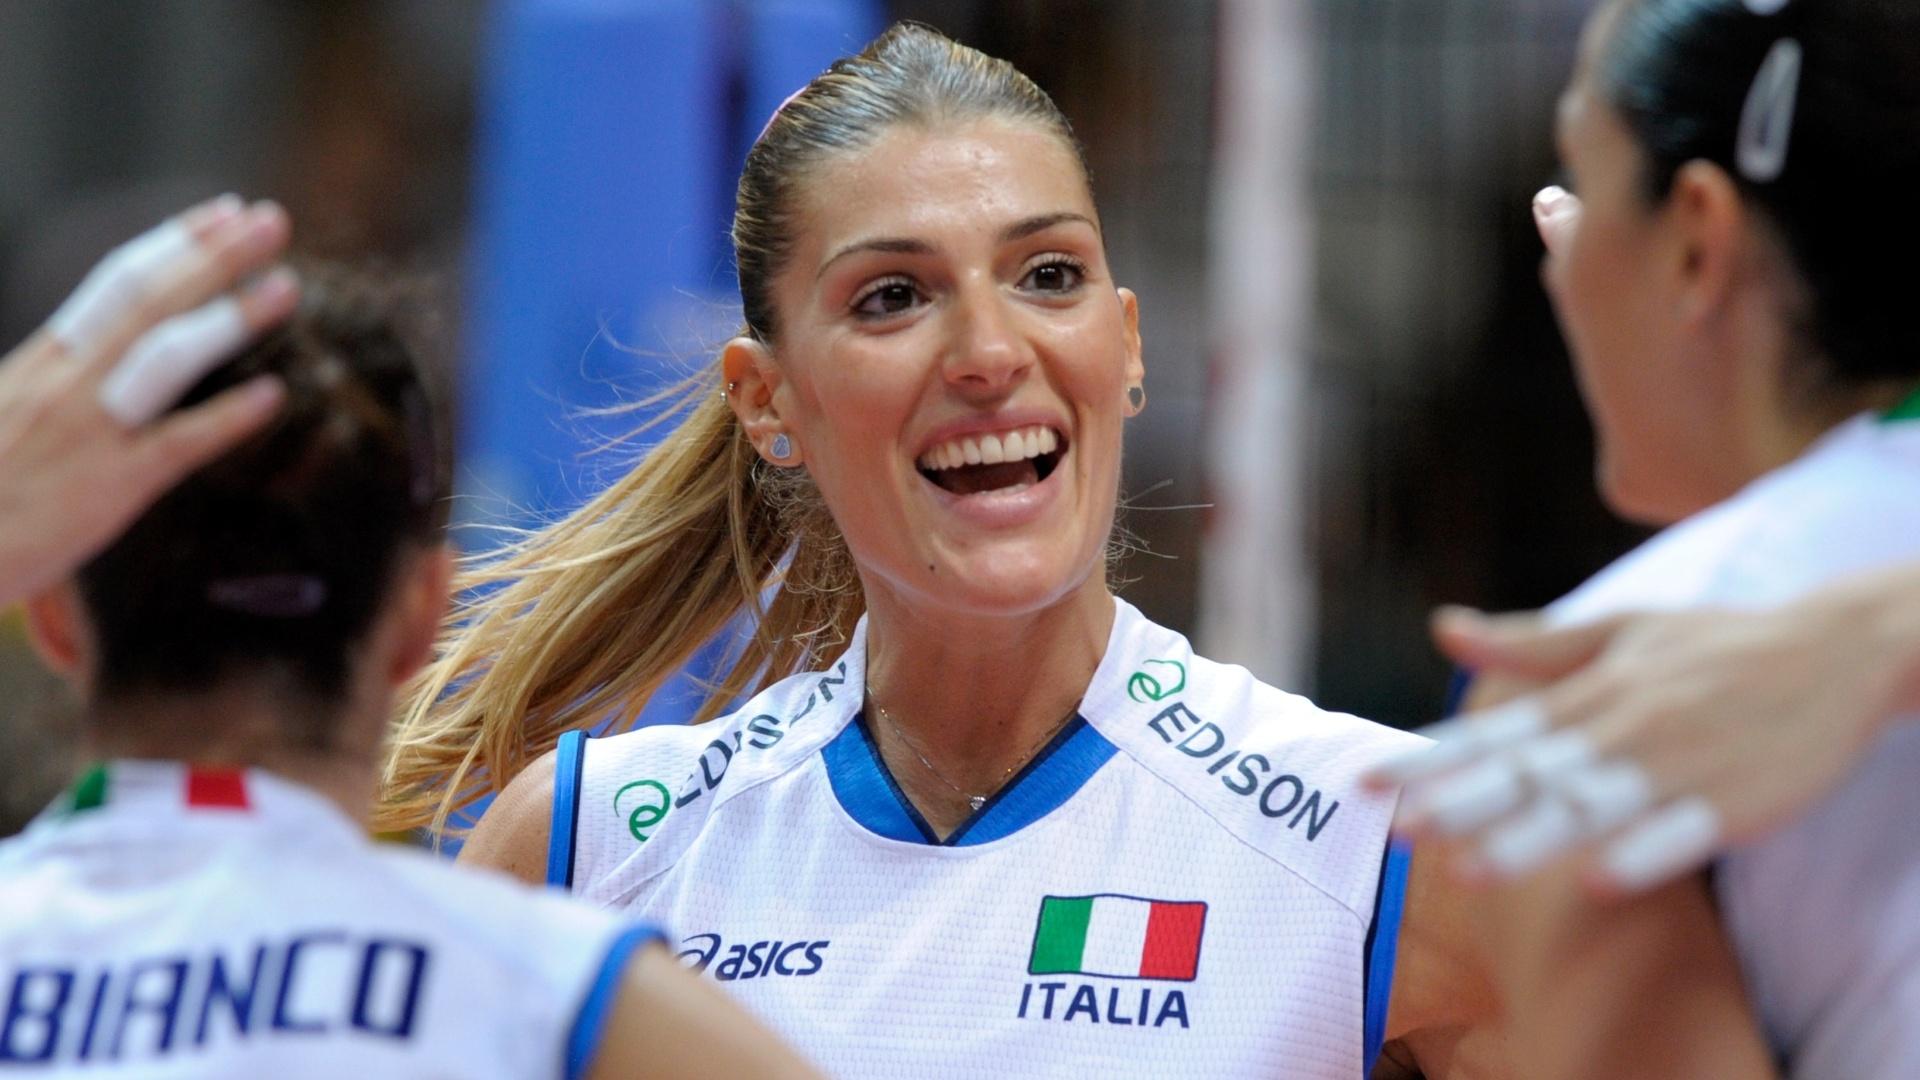 Piccinini disputou também o Campeonato Europeu em 2011